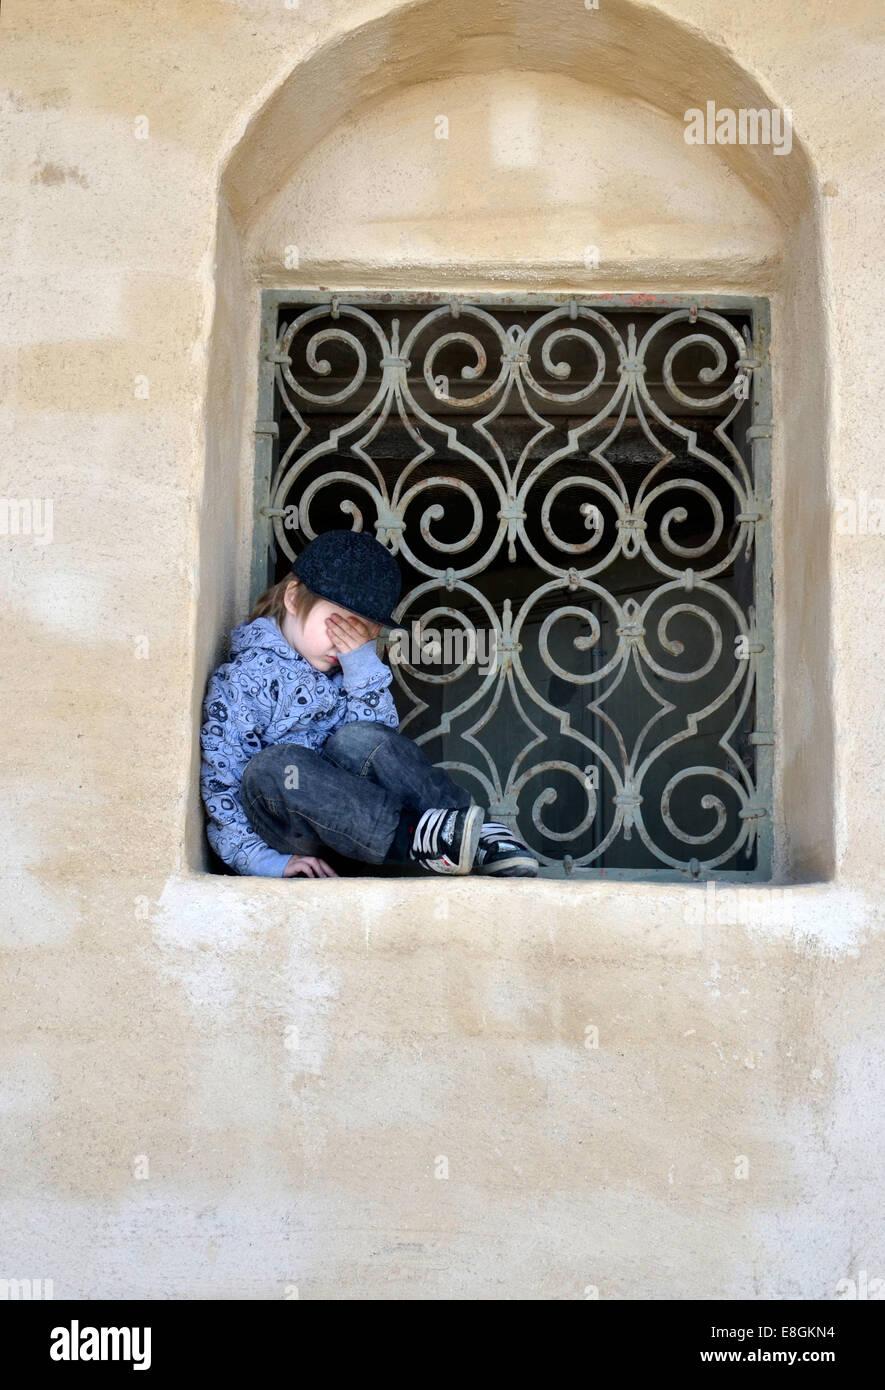 Stockholm, Suède un triste et fatigué garçon dans une fenêtre Vault un jour d'été Photo Stock